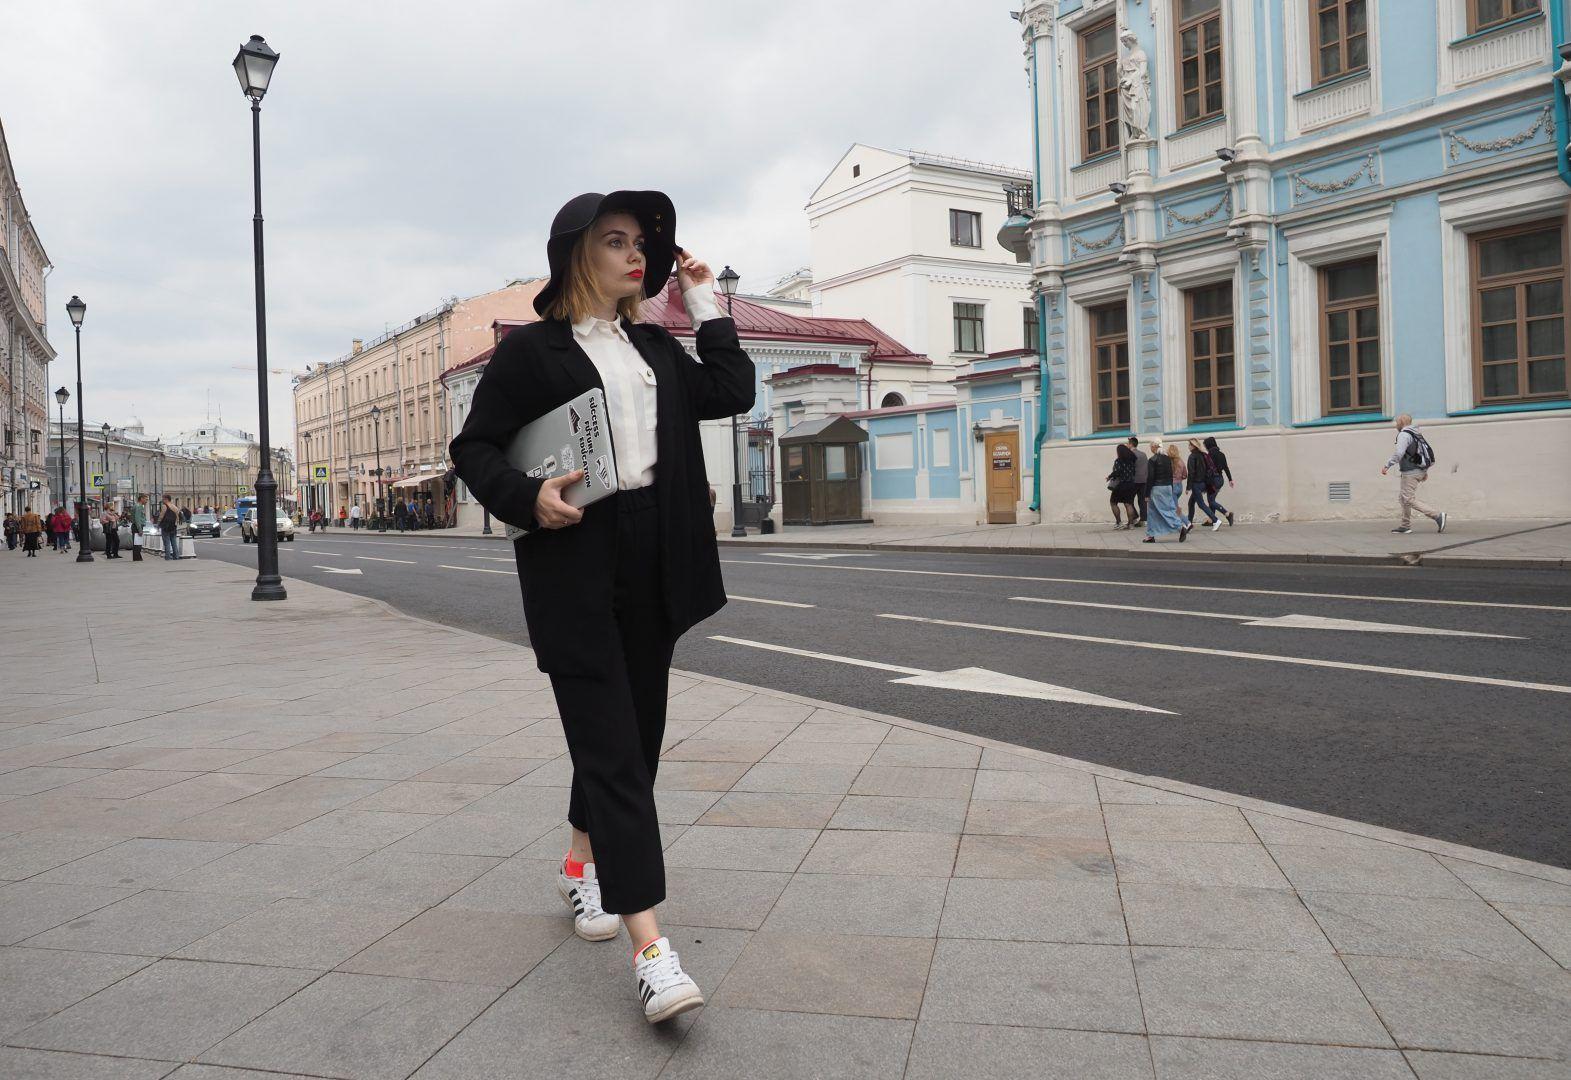 Москвичей ожидает похолодание в выходные дни.Фото: архив, «Вечерняя Москва»